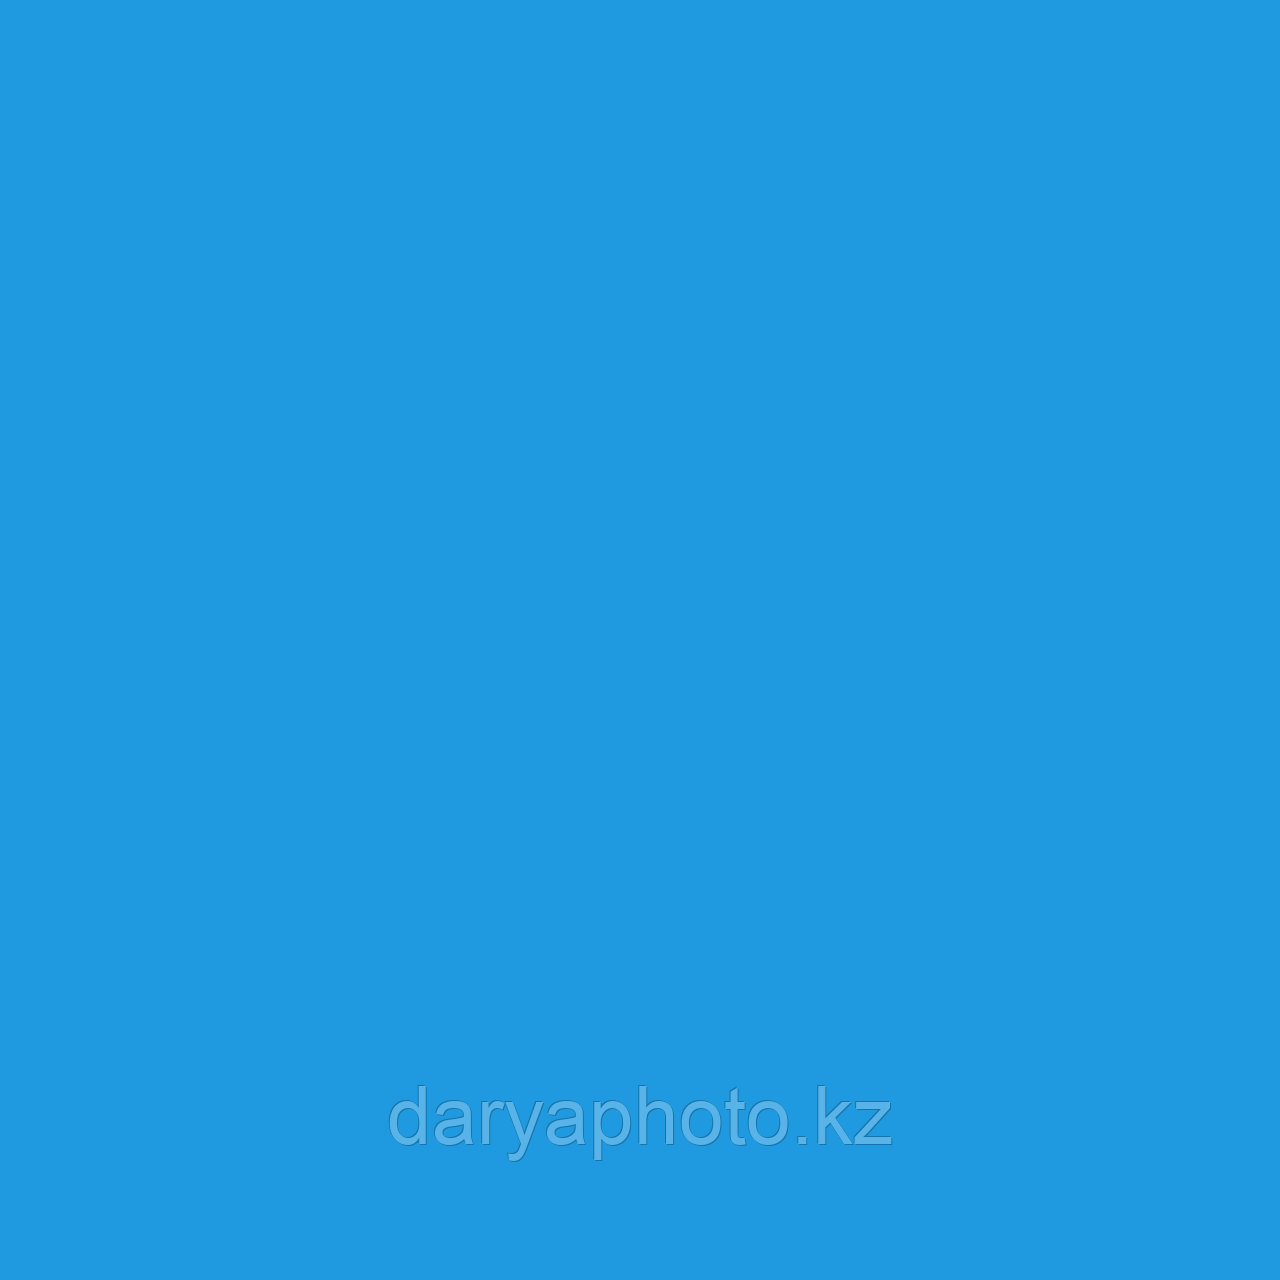 Синий небесный Фон бумажный. Фотофон. Фон для фотостудии